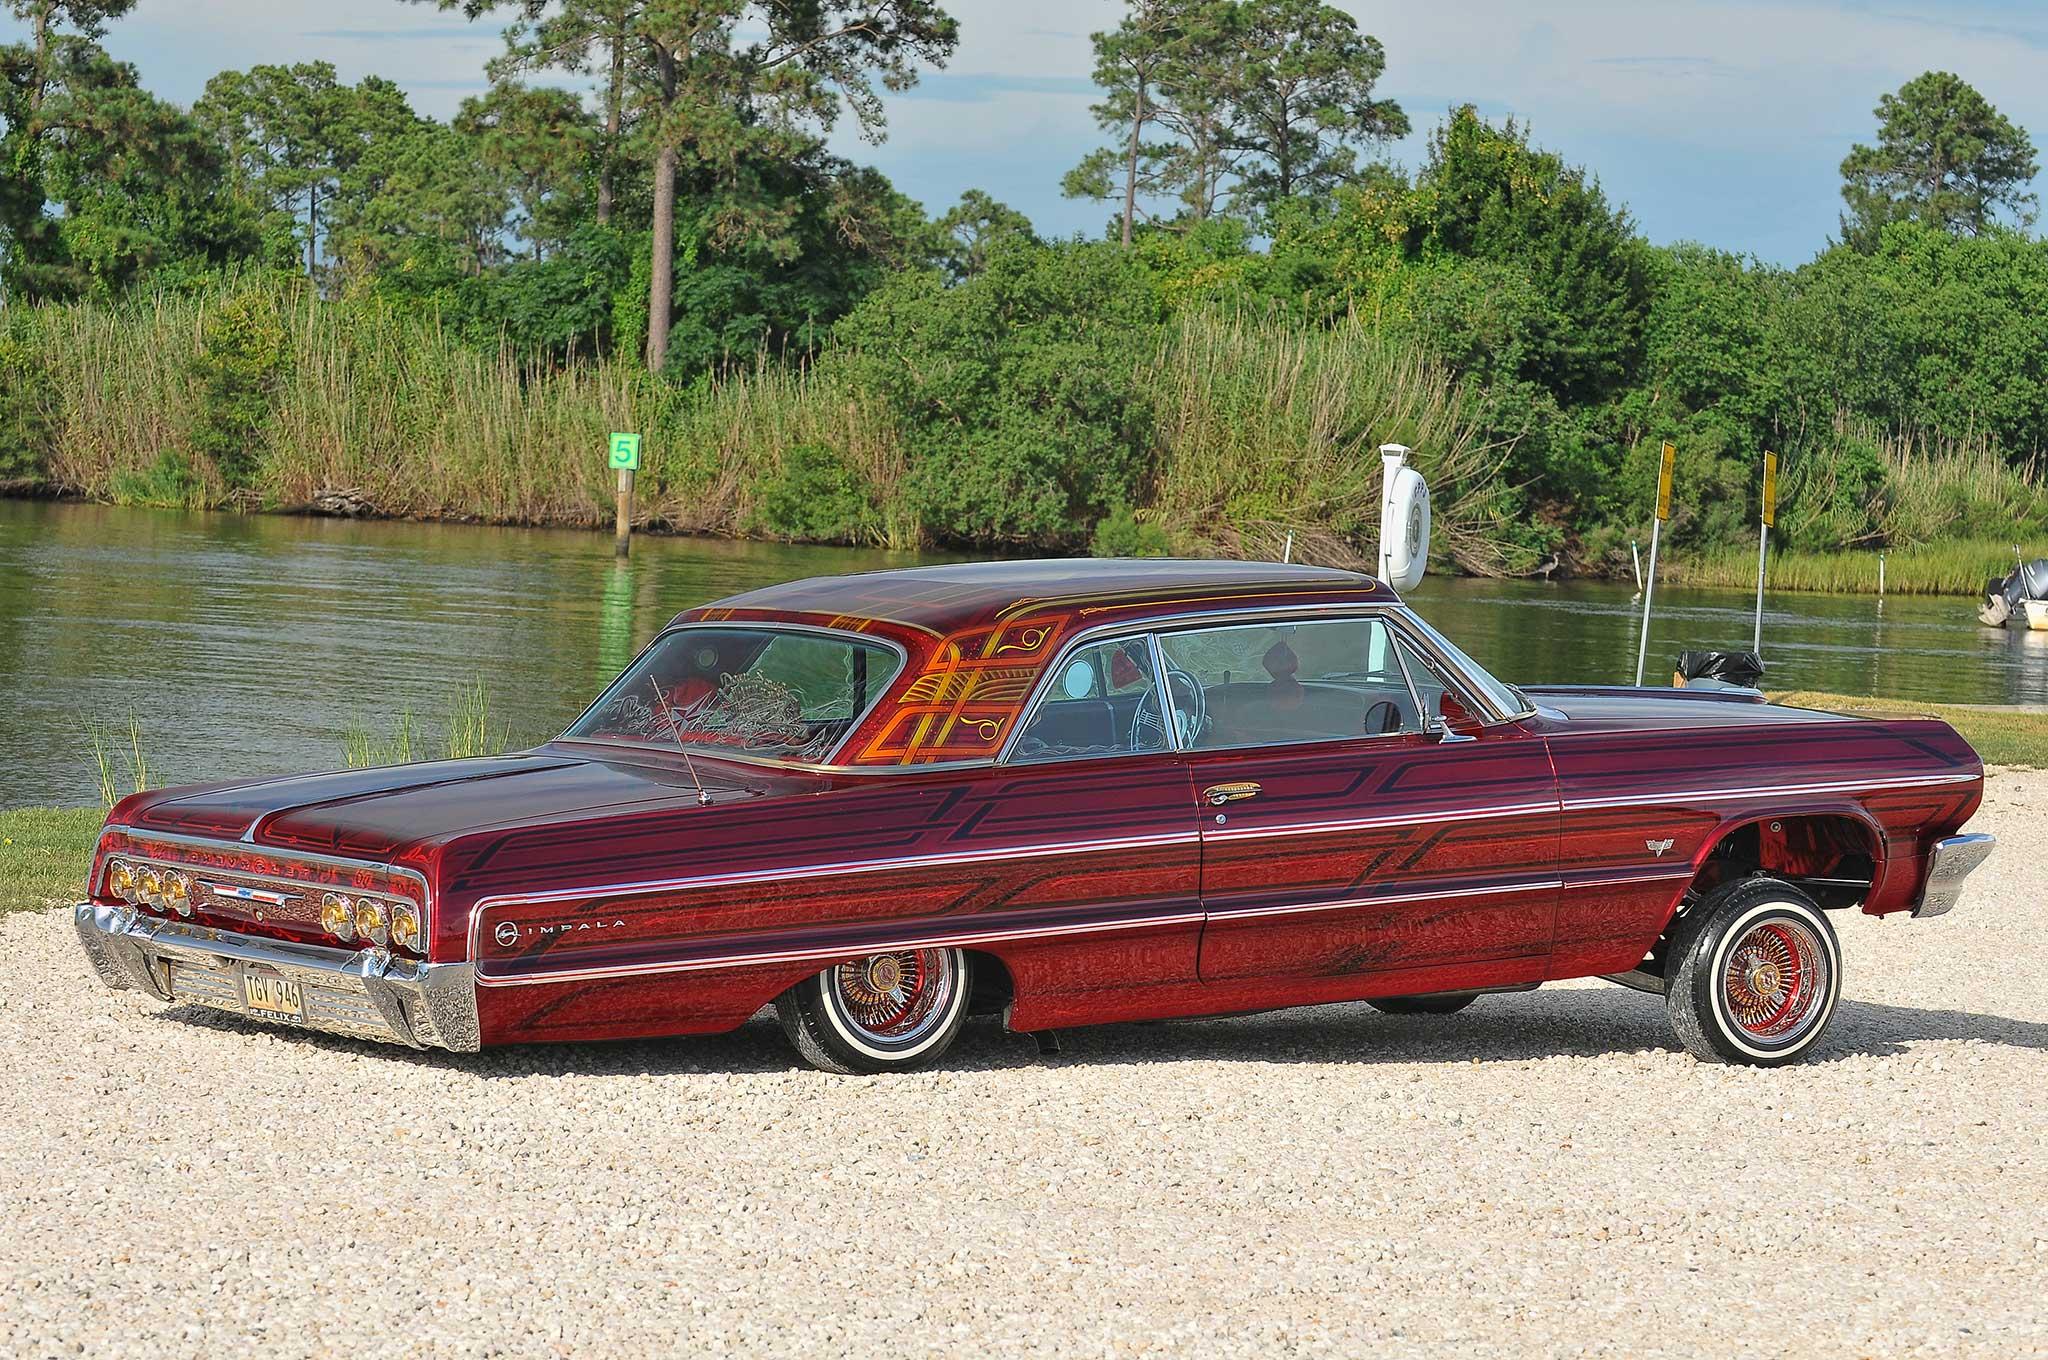 Kekurangan Chevrolet Impala 1964 Top Model Tahun Ini